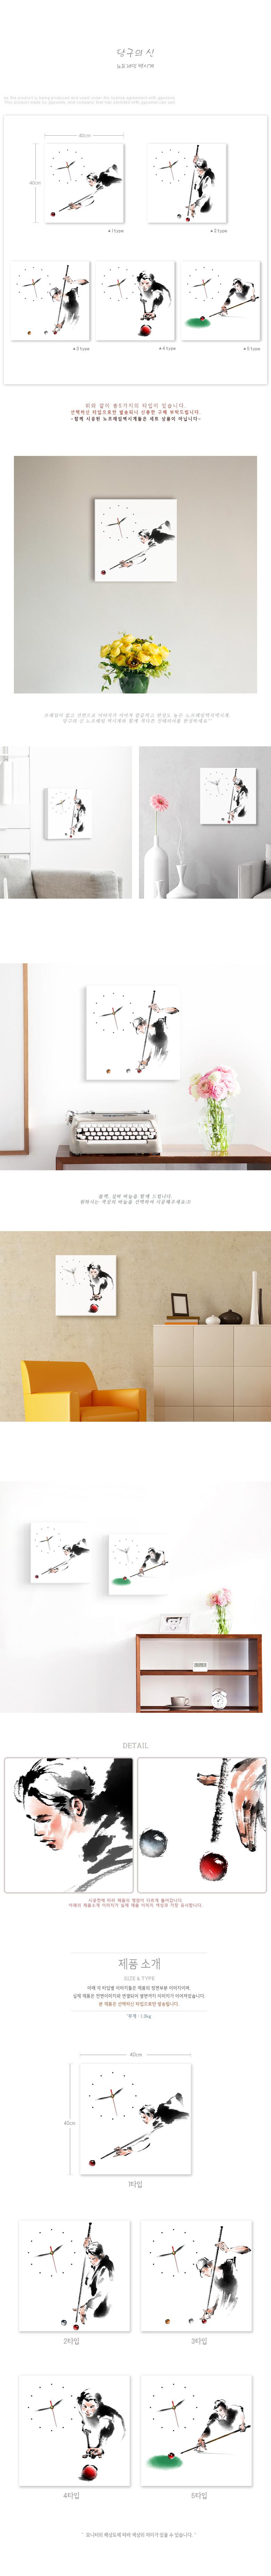 it083-당구의신_노프레임벽시계 - 꾸밈, 25,900원, 벽시계, 디자인벽시계